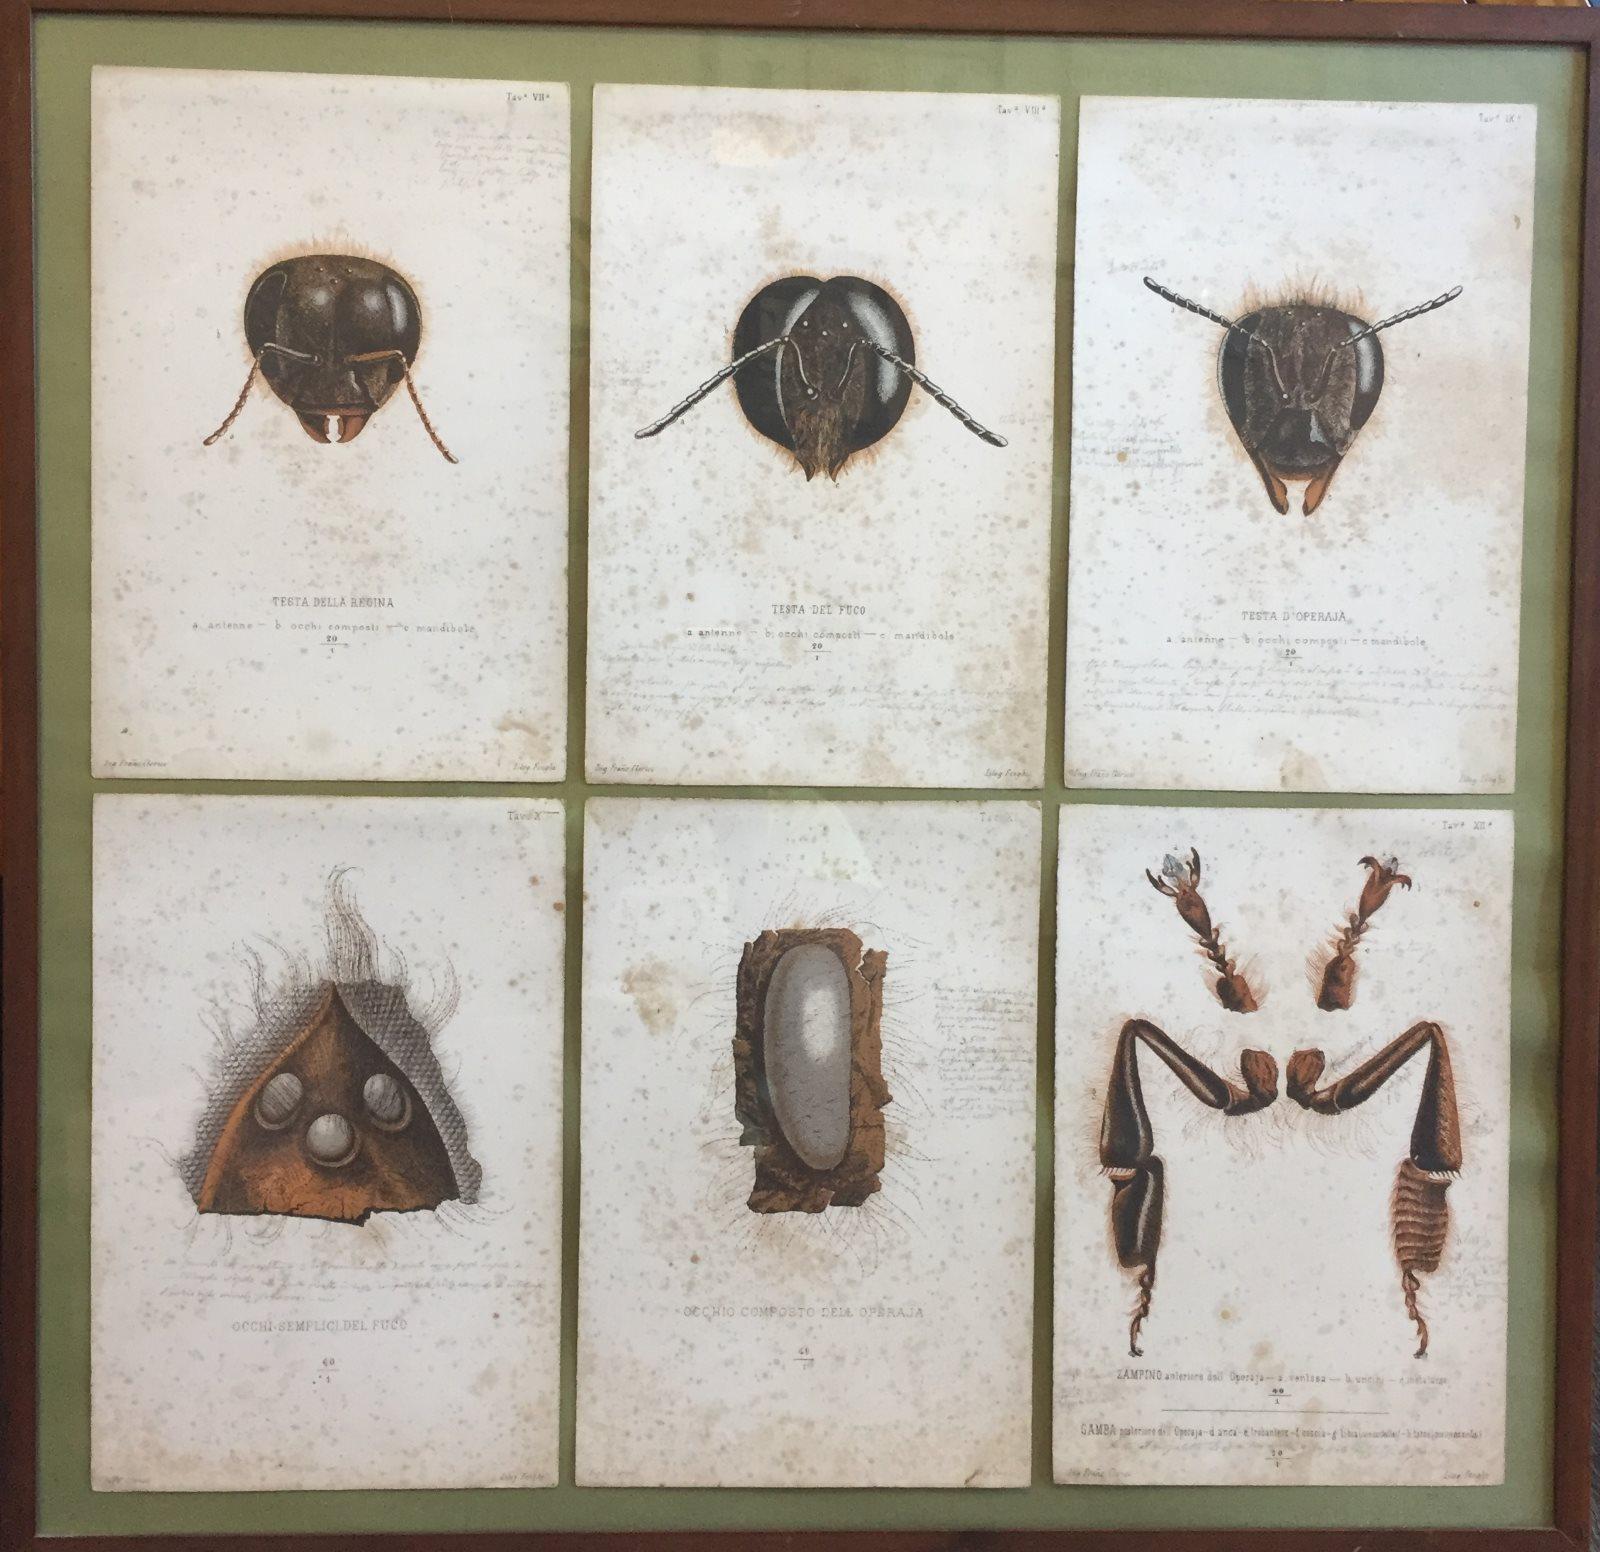 Antico libro realizzato a mano sull'anatomia dell'ape